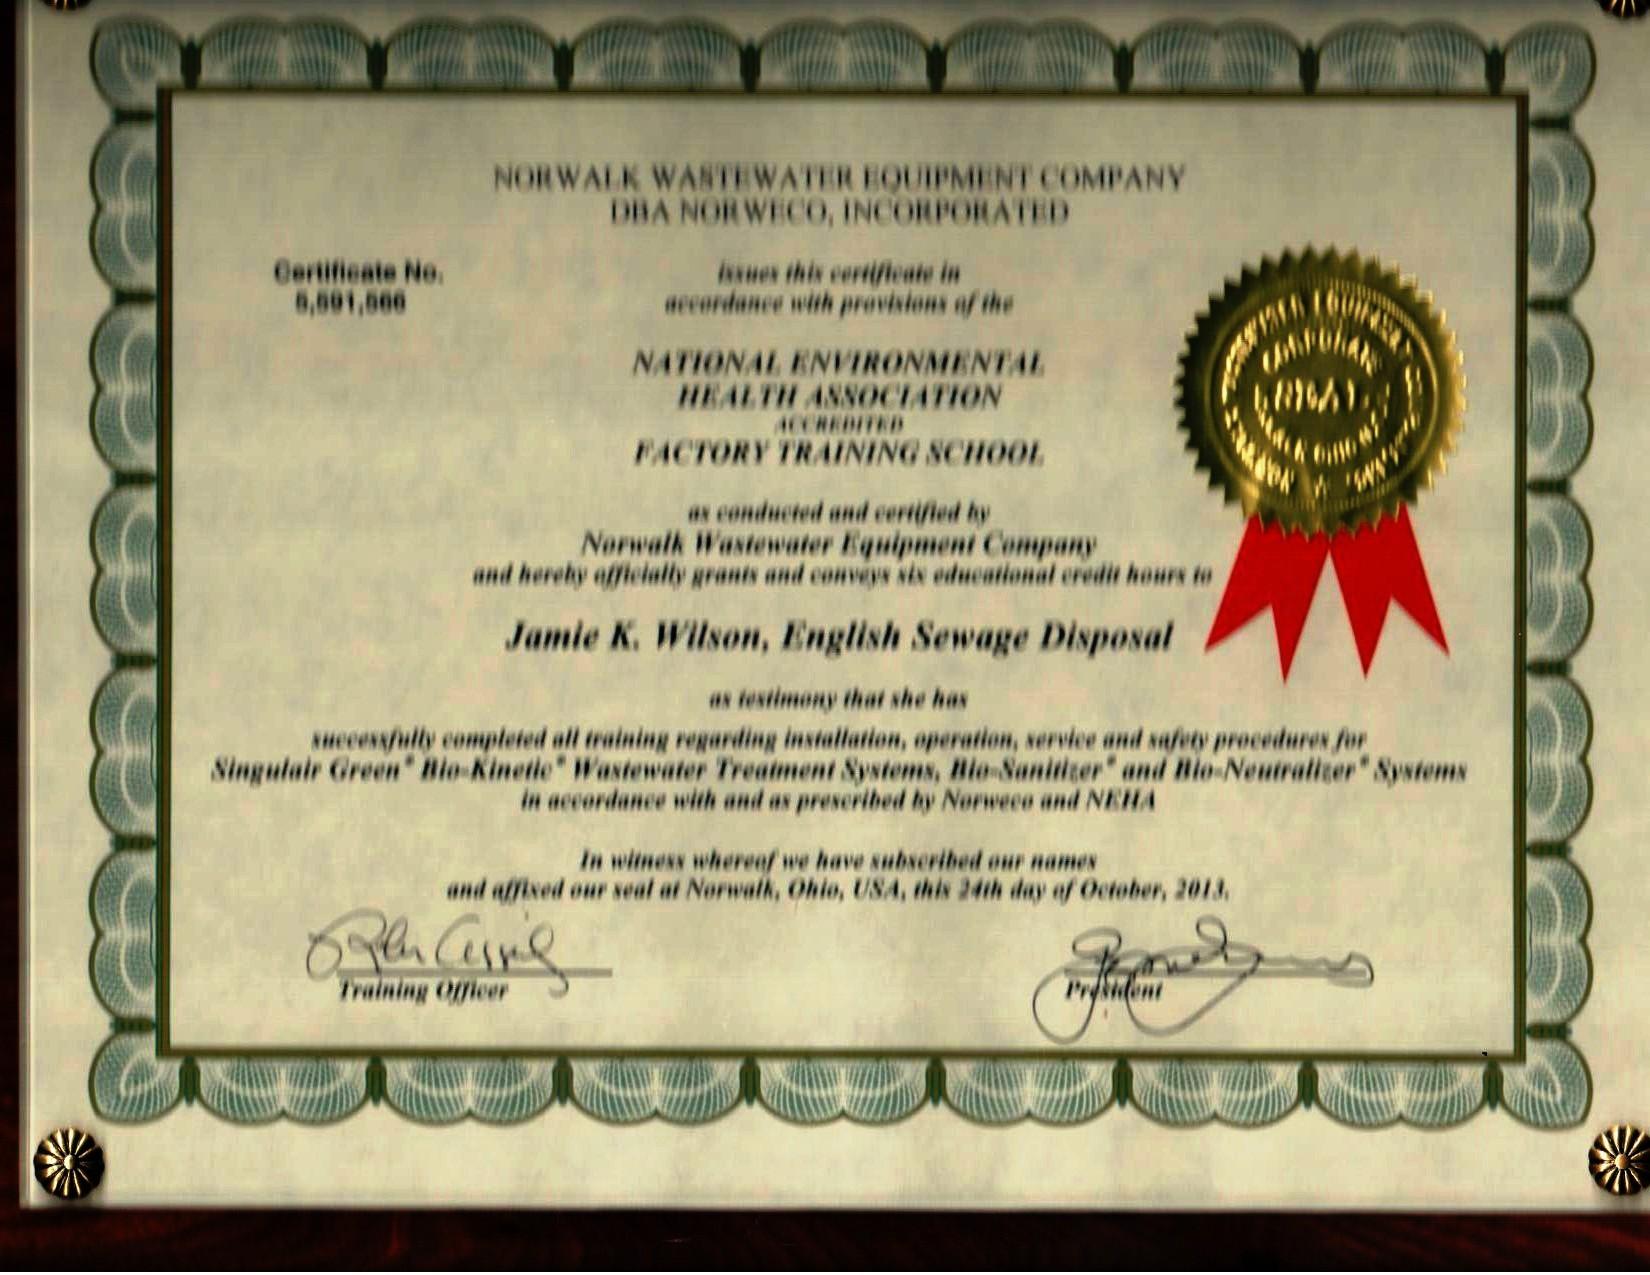 J. Wilson 10.24.13 NORWECO Certified